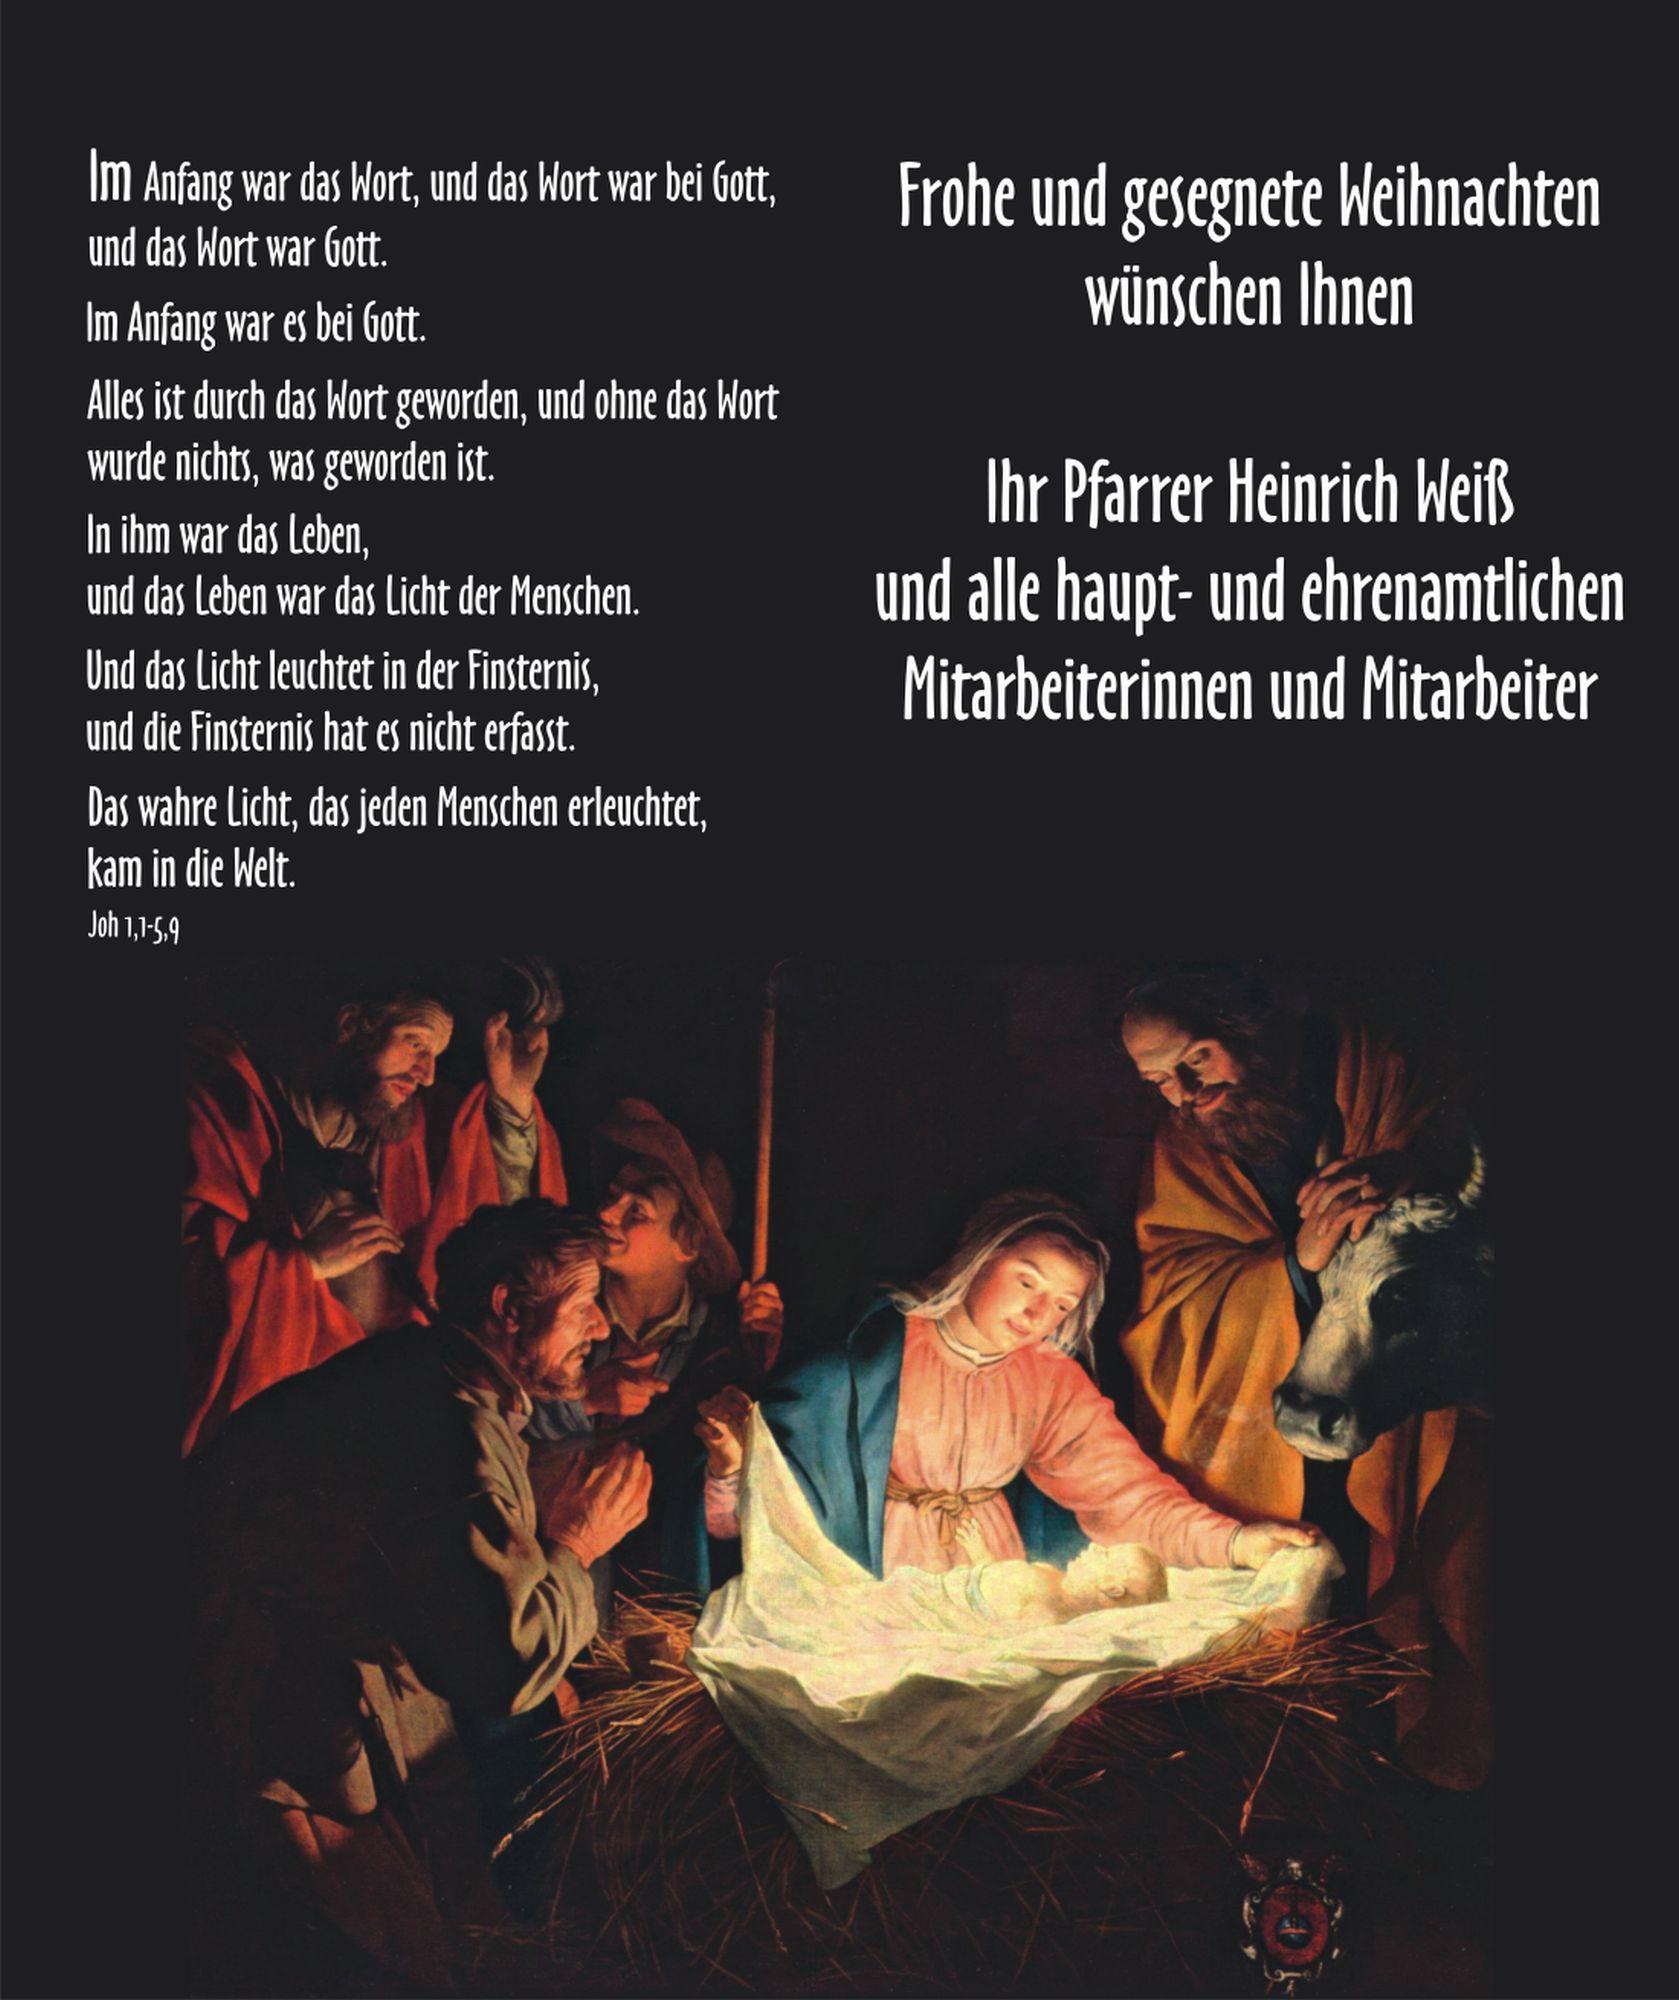 Frohe Und Gesegnete Weihnachten.Frohe Und Gesegnete Weihnachten Pfarreiengemeinschaft Utting